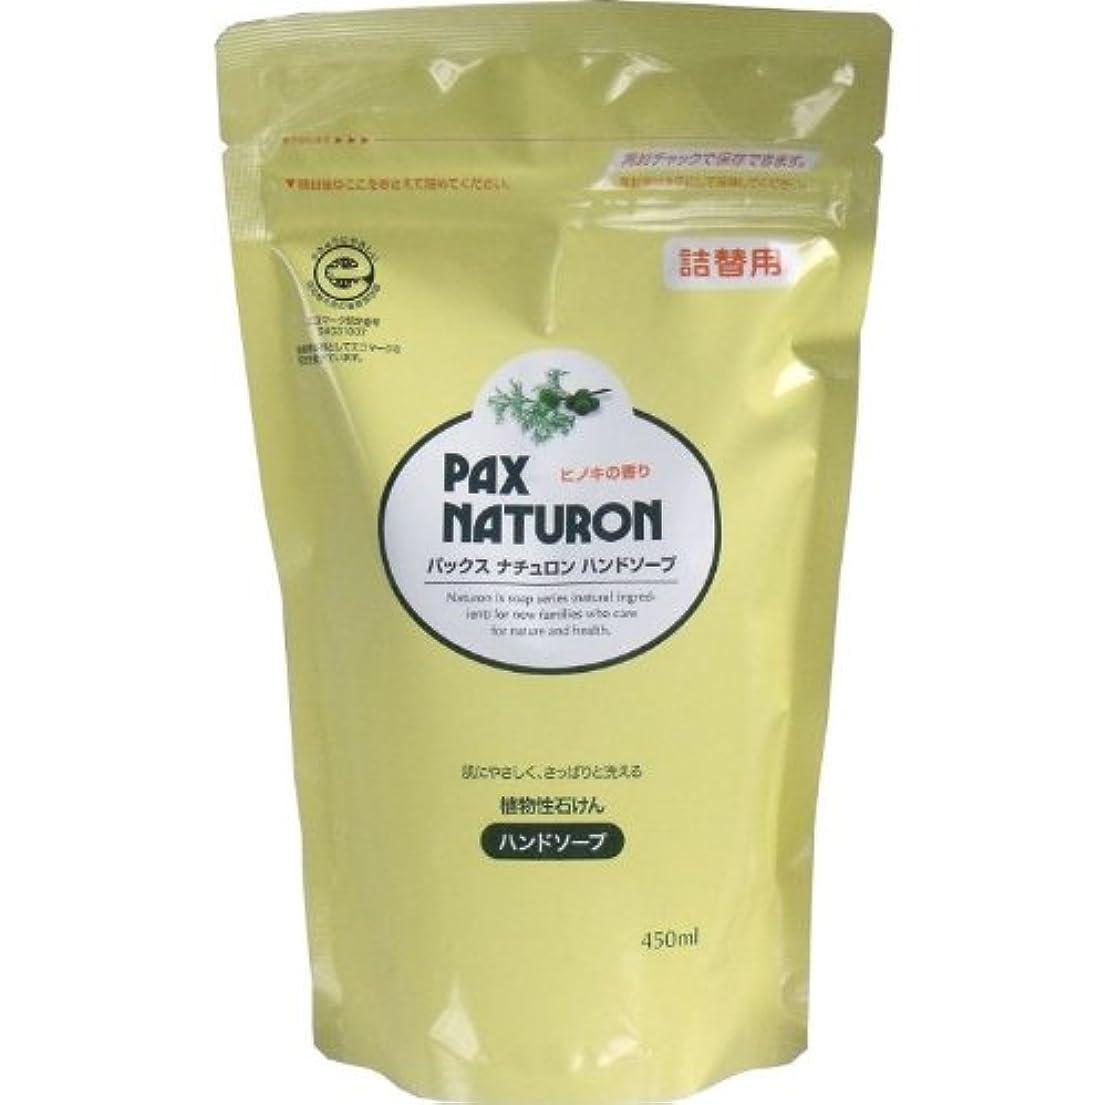 声を出して注釈賢明な肌にやさしく、さっぱりと洗える植物性石けん!植物性ハンドソープ 詰替用 450mL【5個セット】